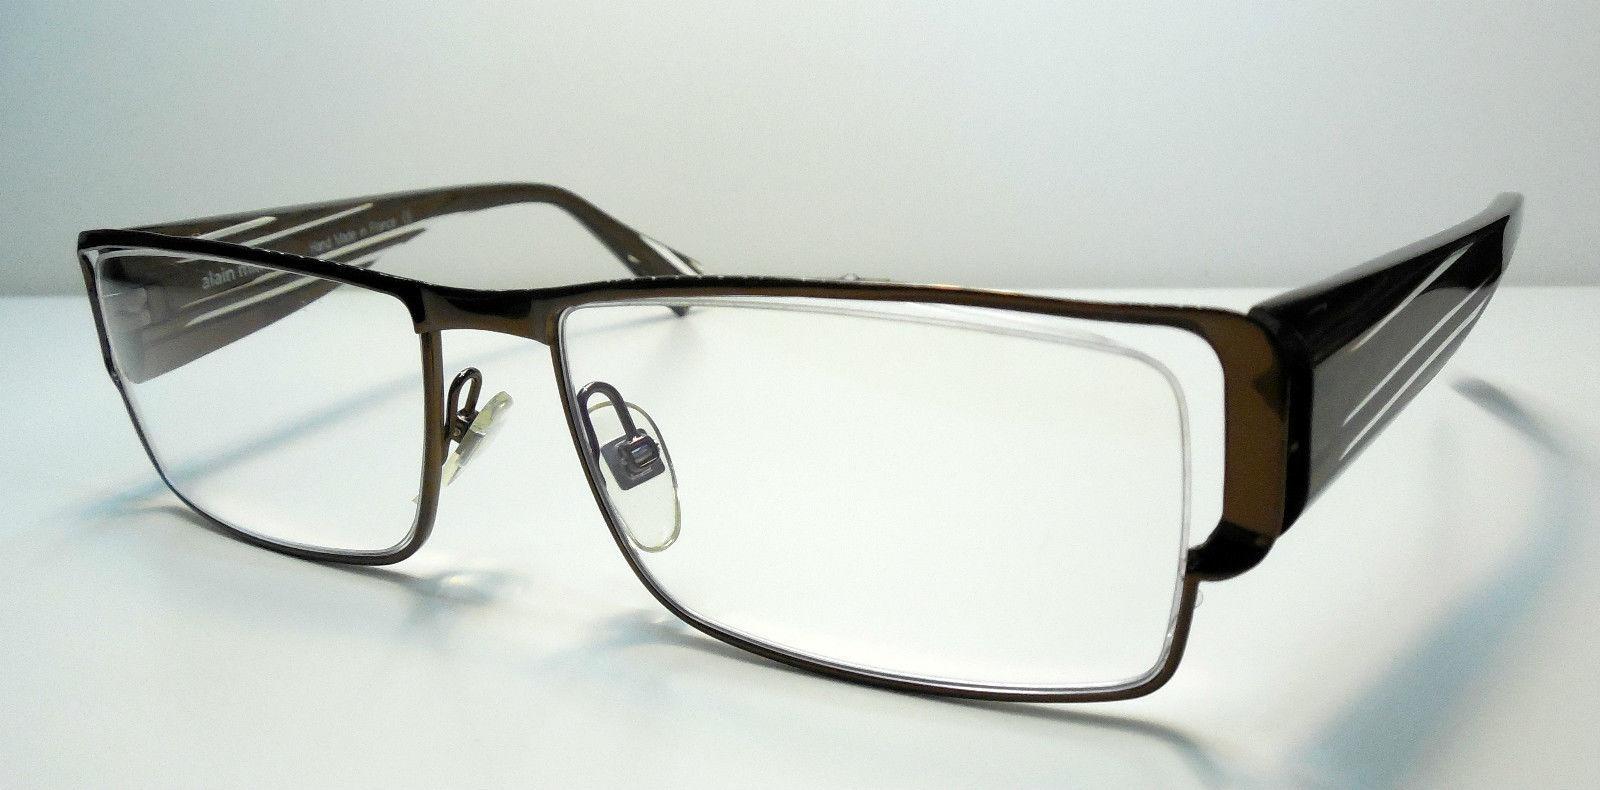 Alain Mikli Sunglasses Case: 19 listings